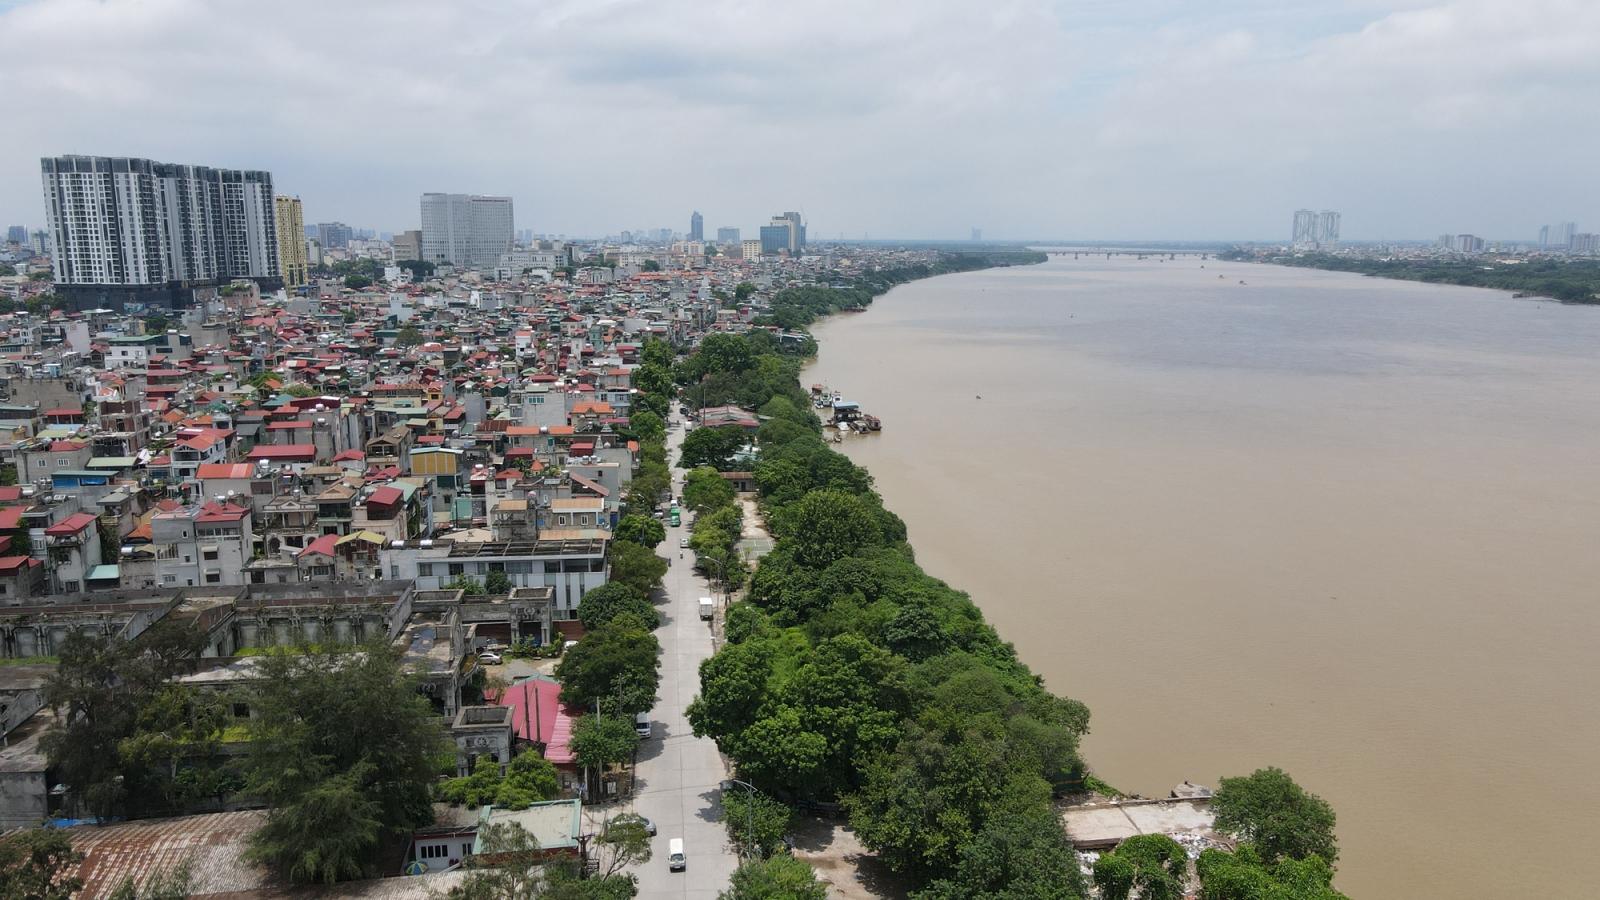 'Sốt đất' ven sông Hồng: 1 tuần giá tăng gấp đôi, gấp ba